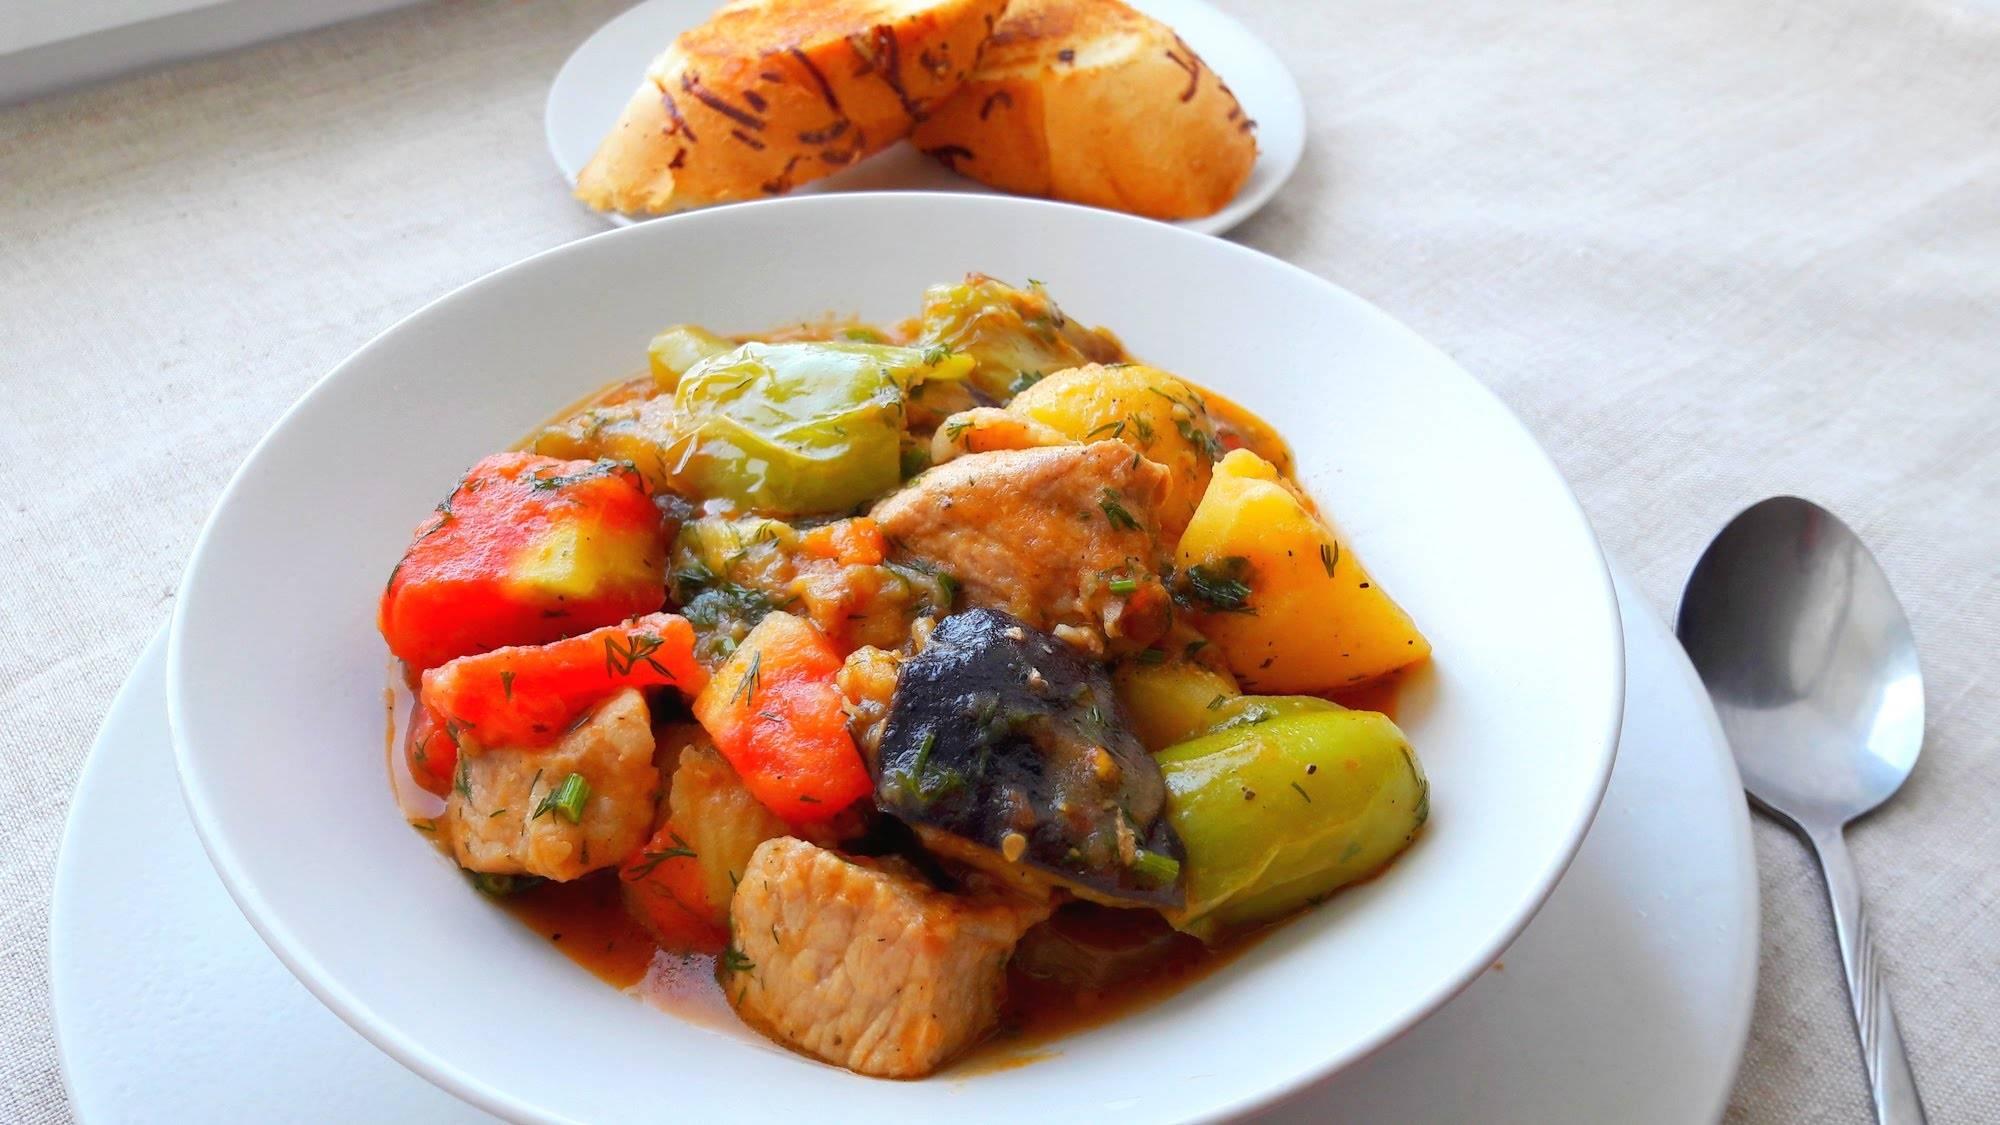 Овощная диета для похудения на 7, 10 кг: рецепты блюд, результаты